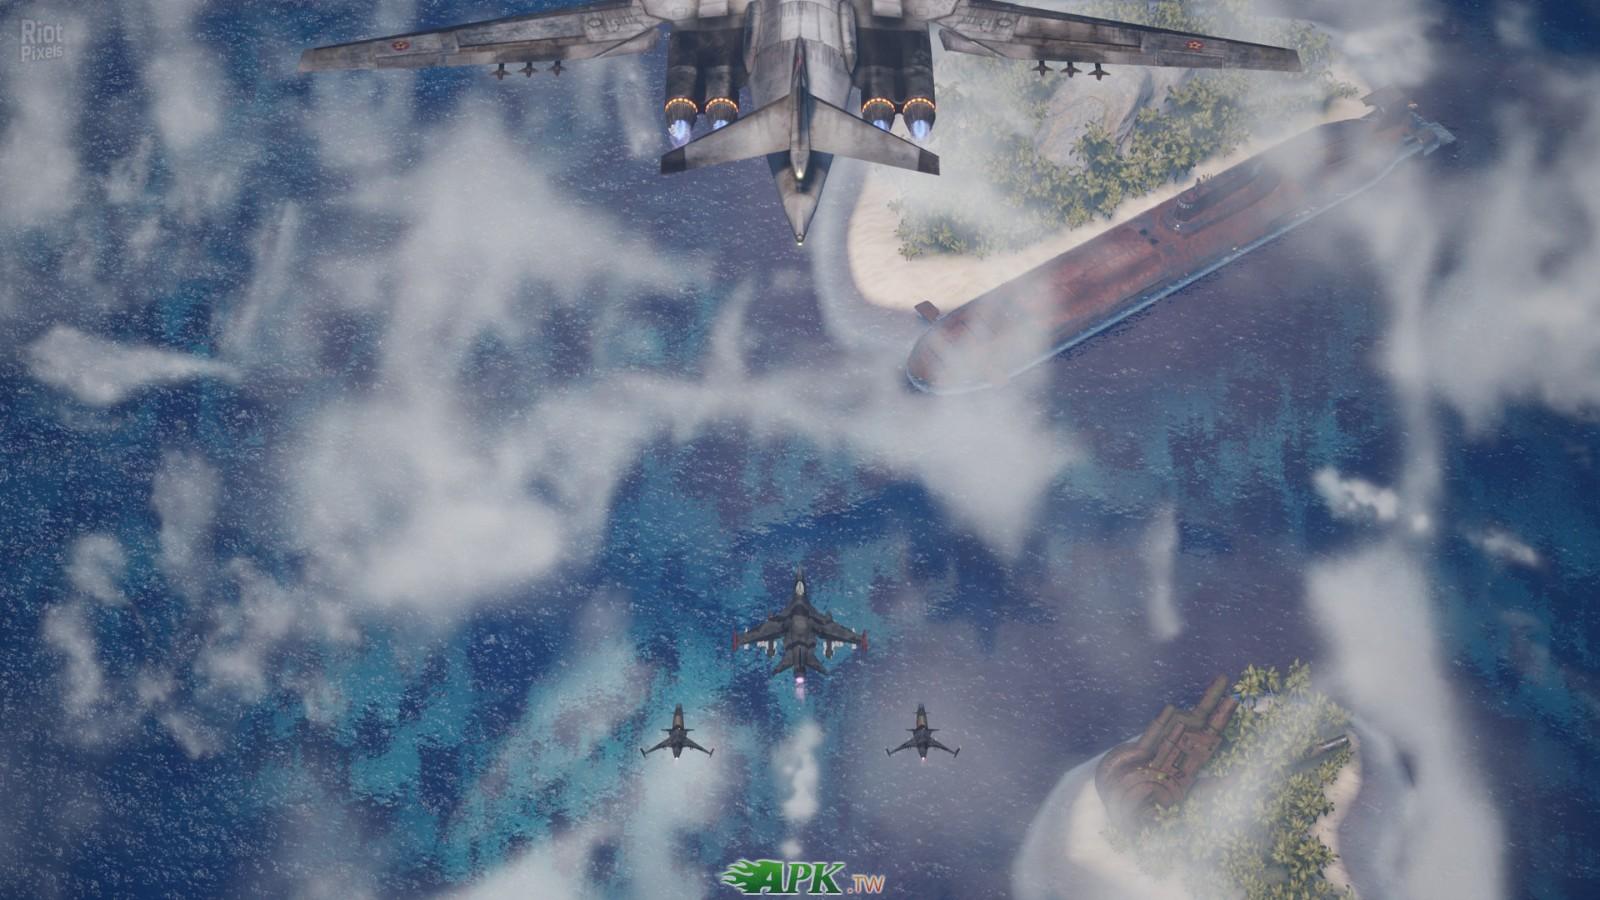 screenshot.cloud-cutter.1920x1080.2021-05-06.35.jpg